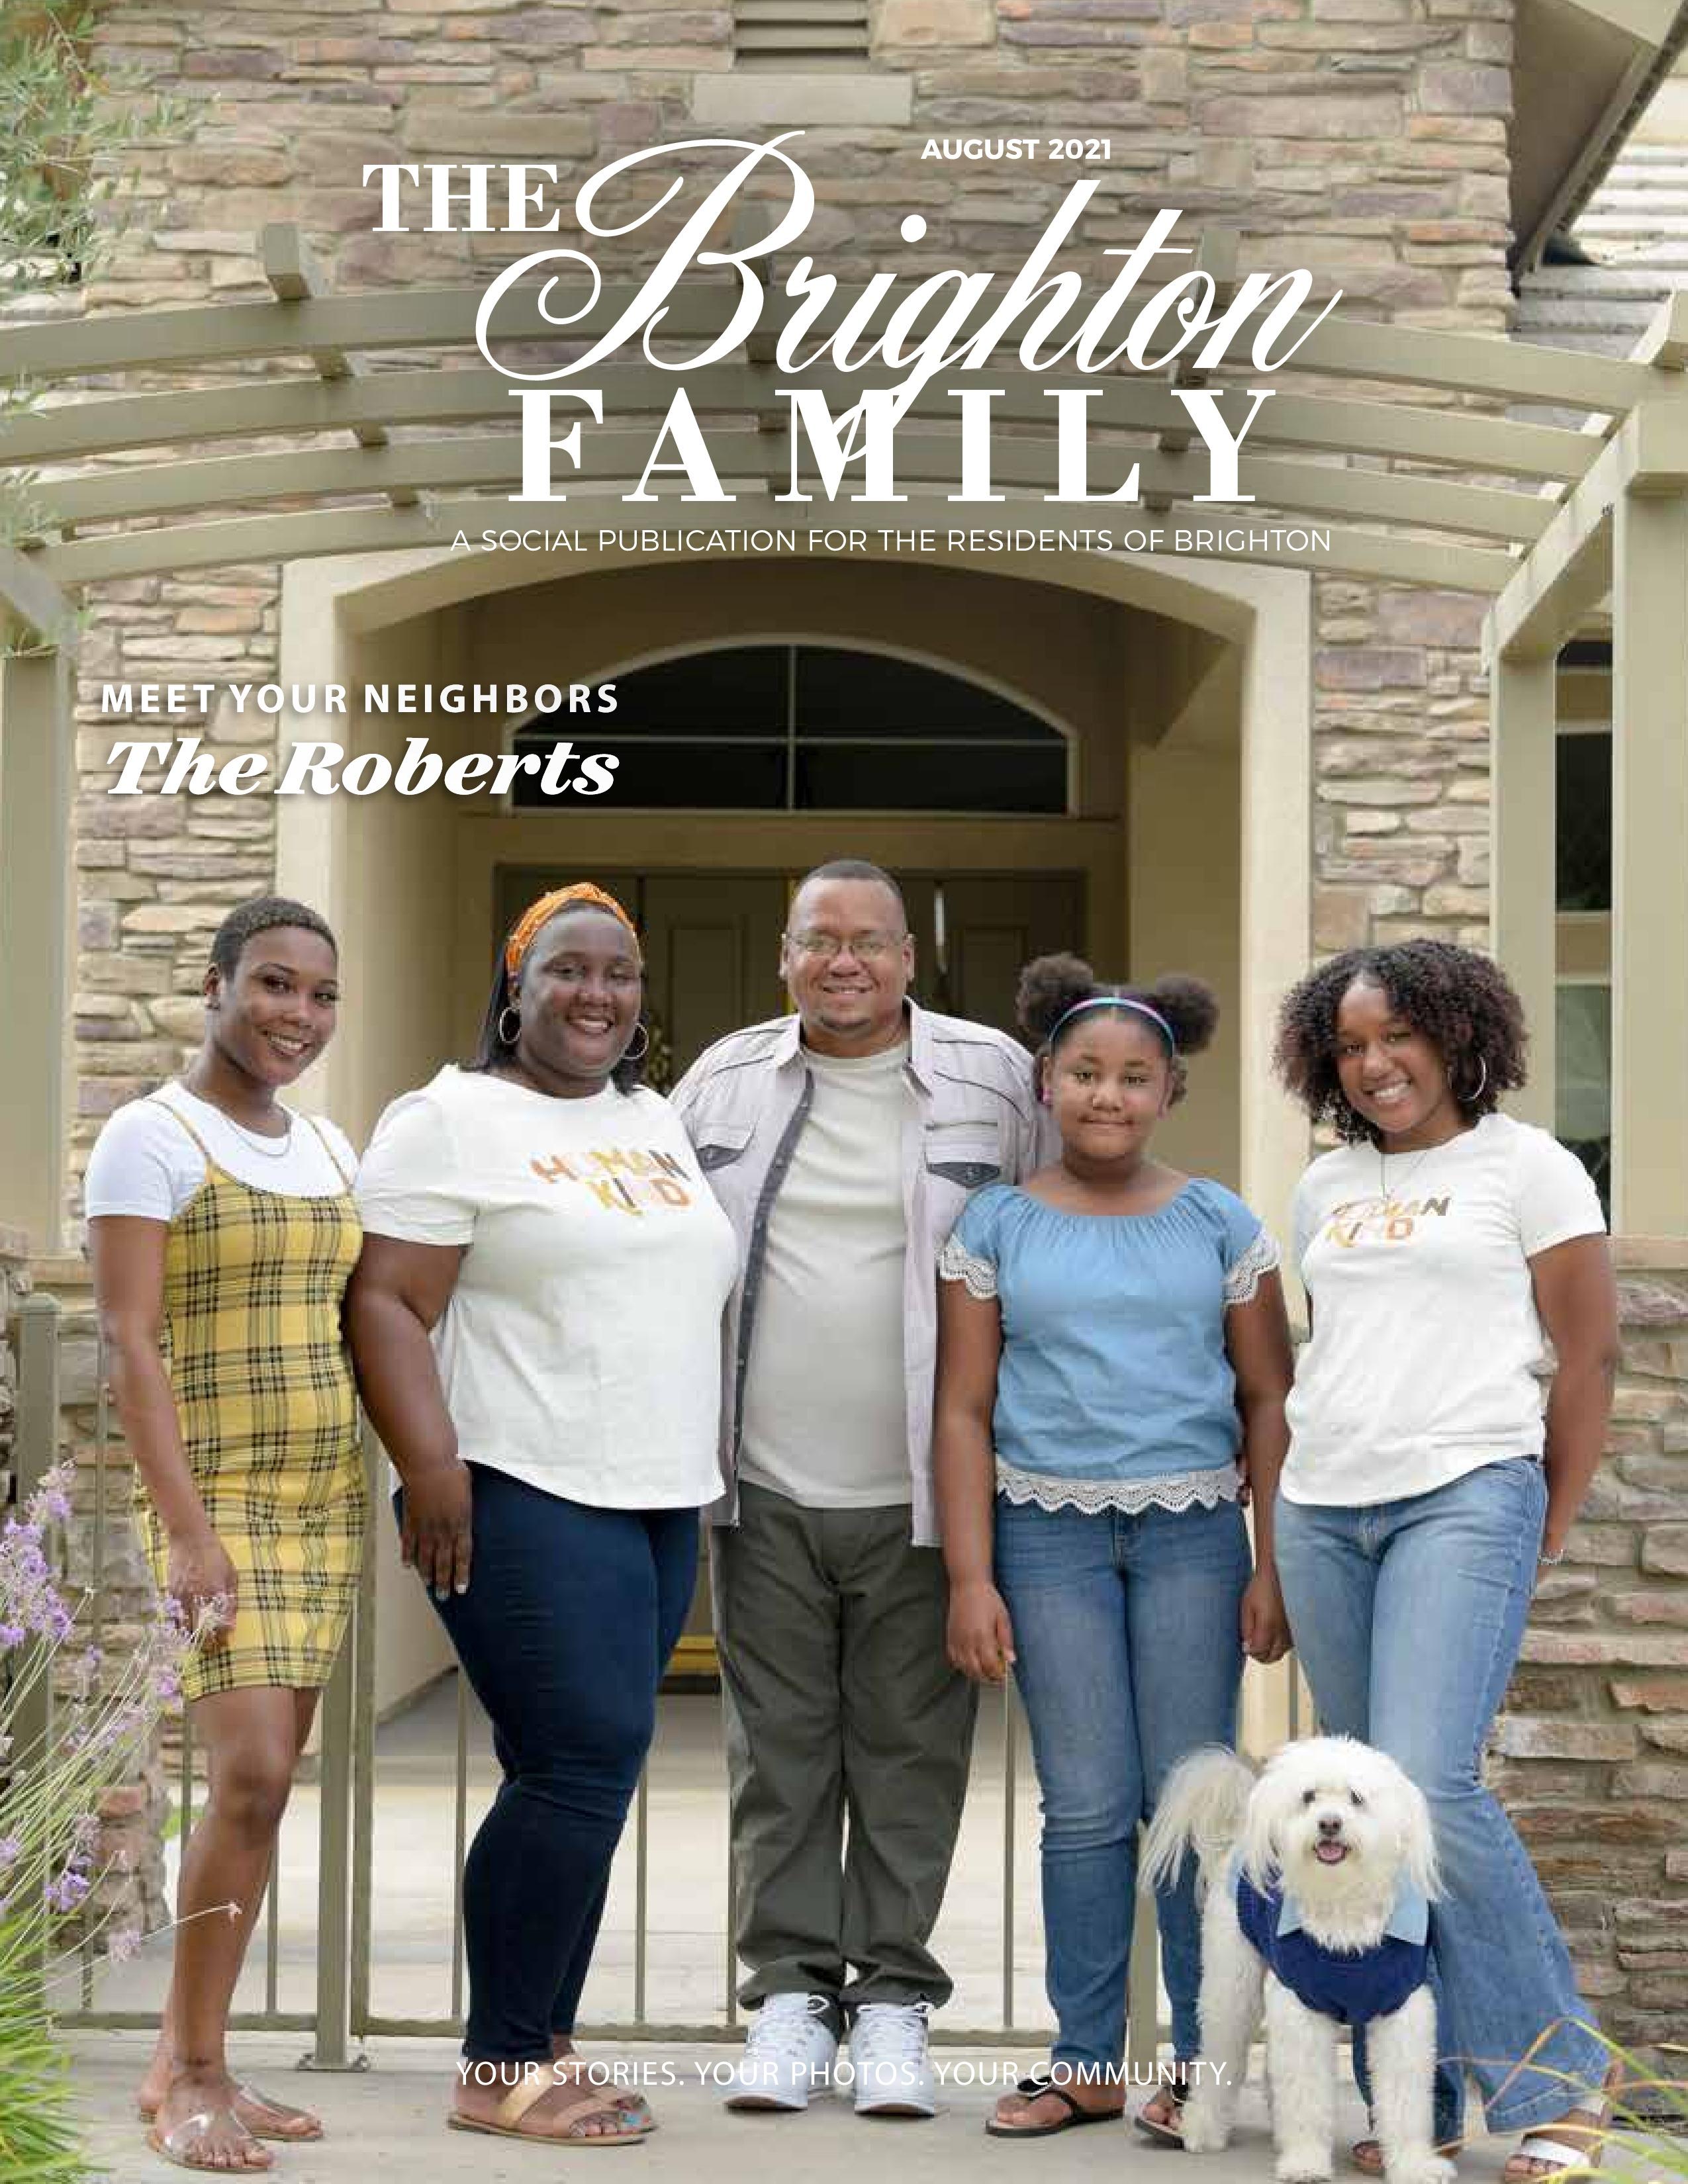 The Brighton Family 2021-08-01